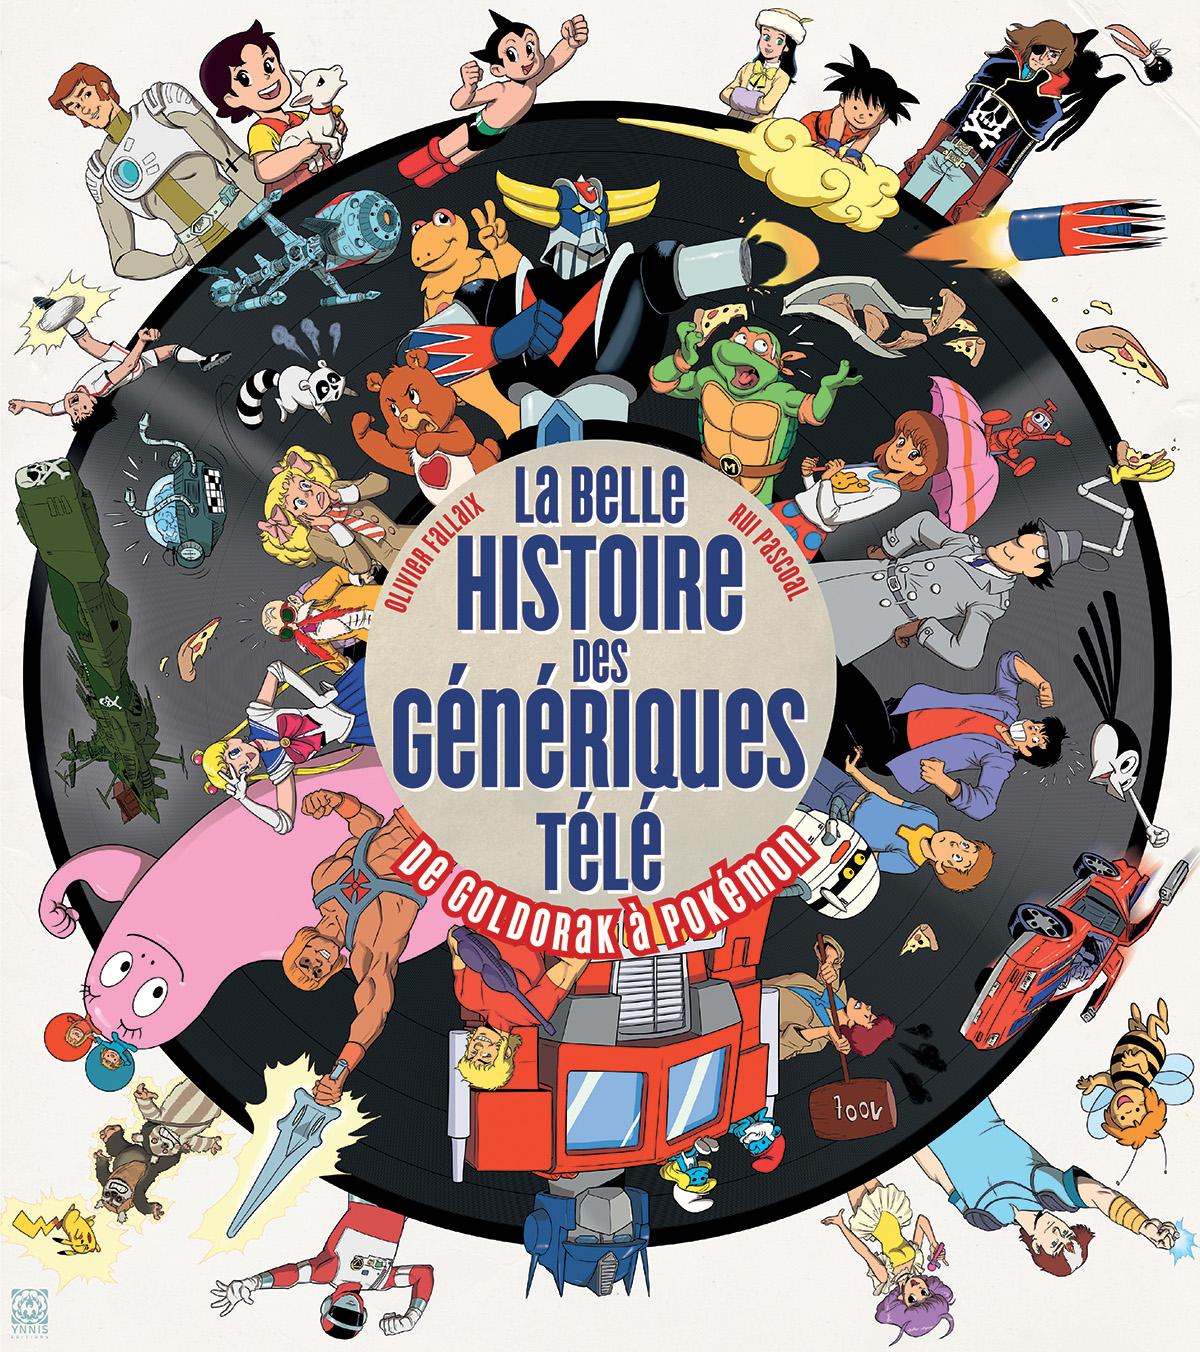 Un Livre Sur Les Generiques Francais De Dessins Animes